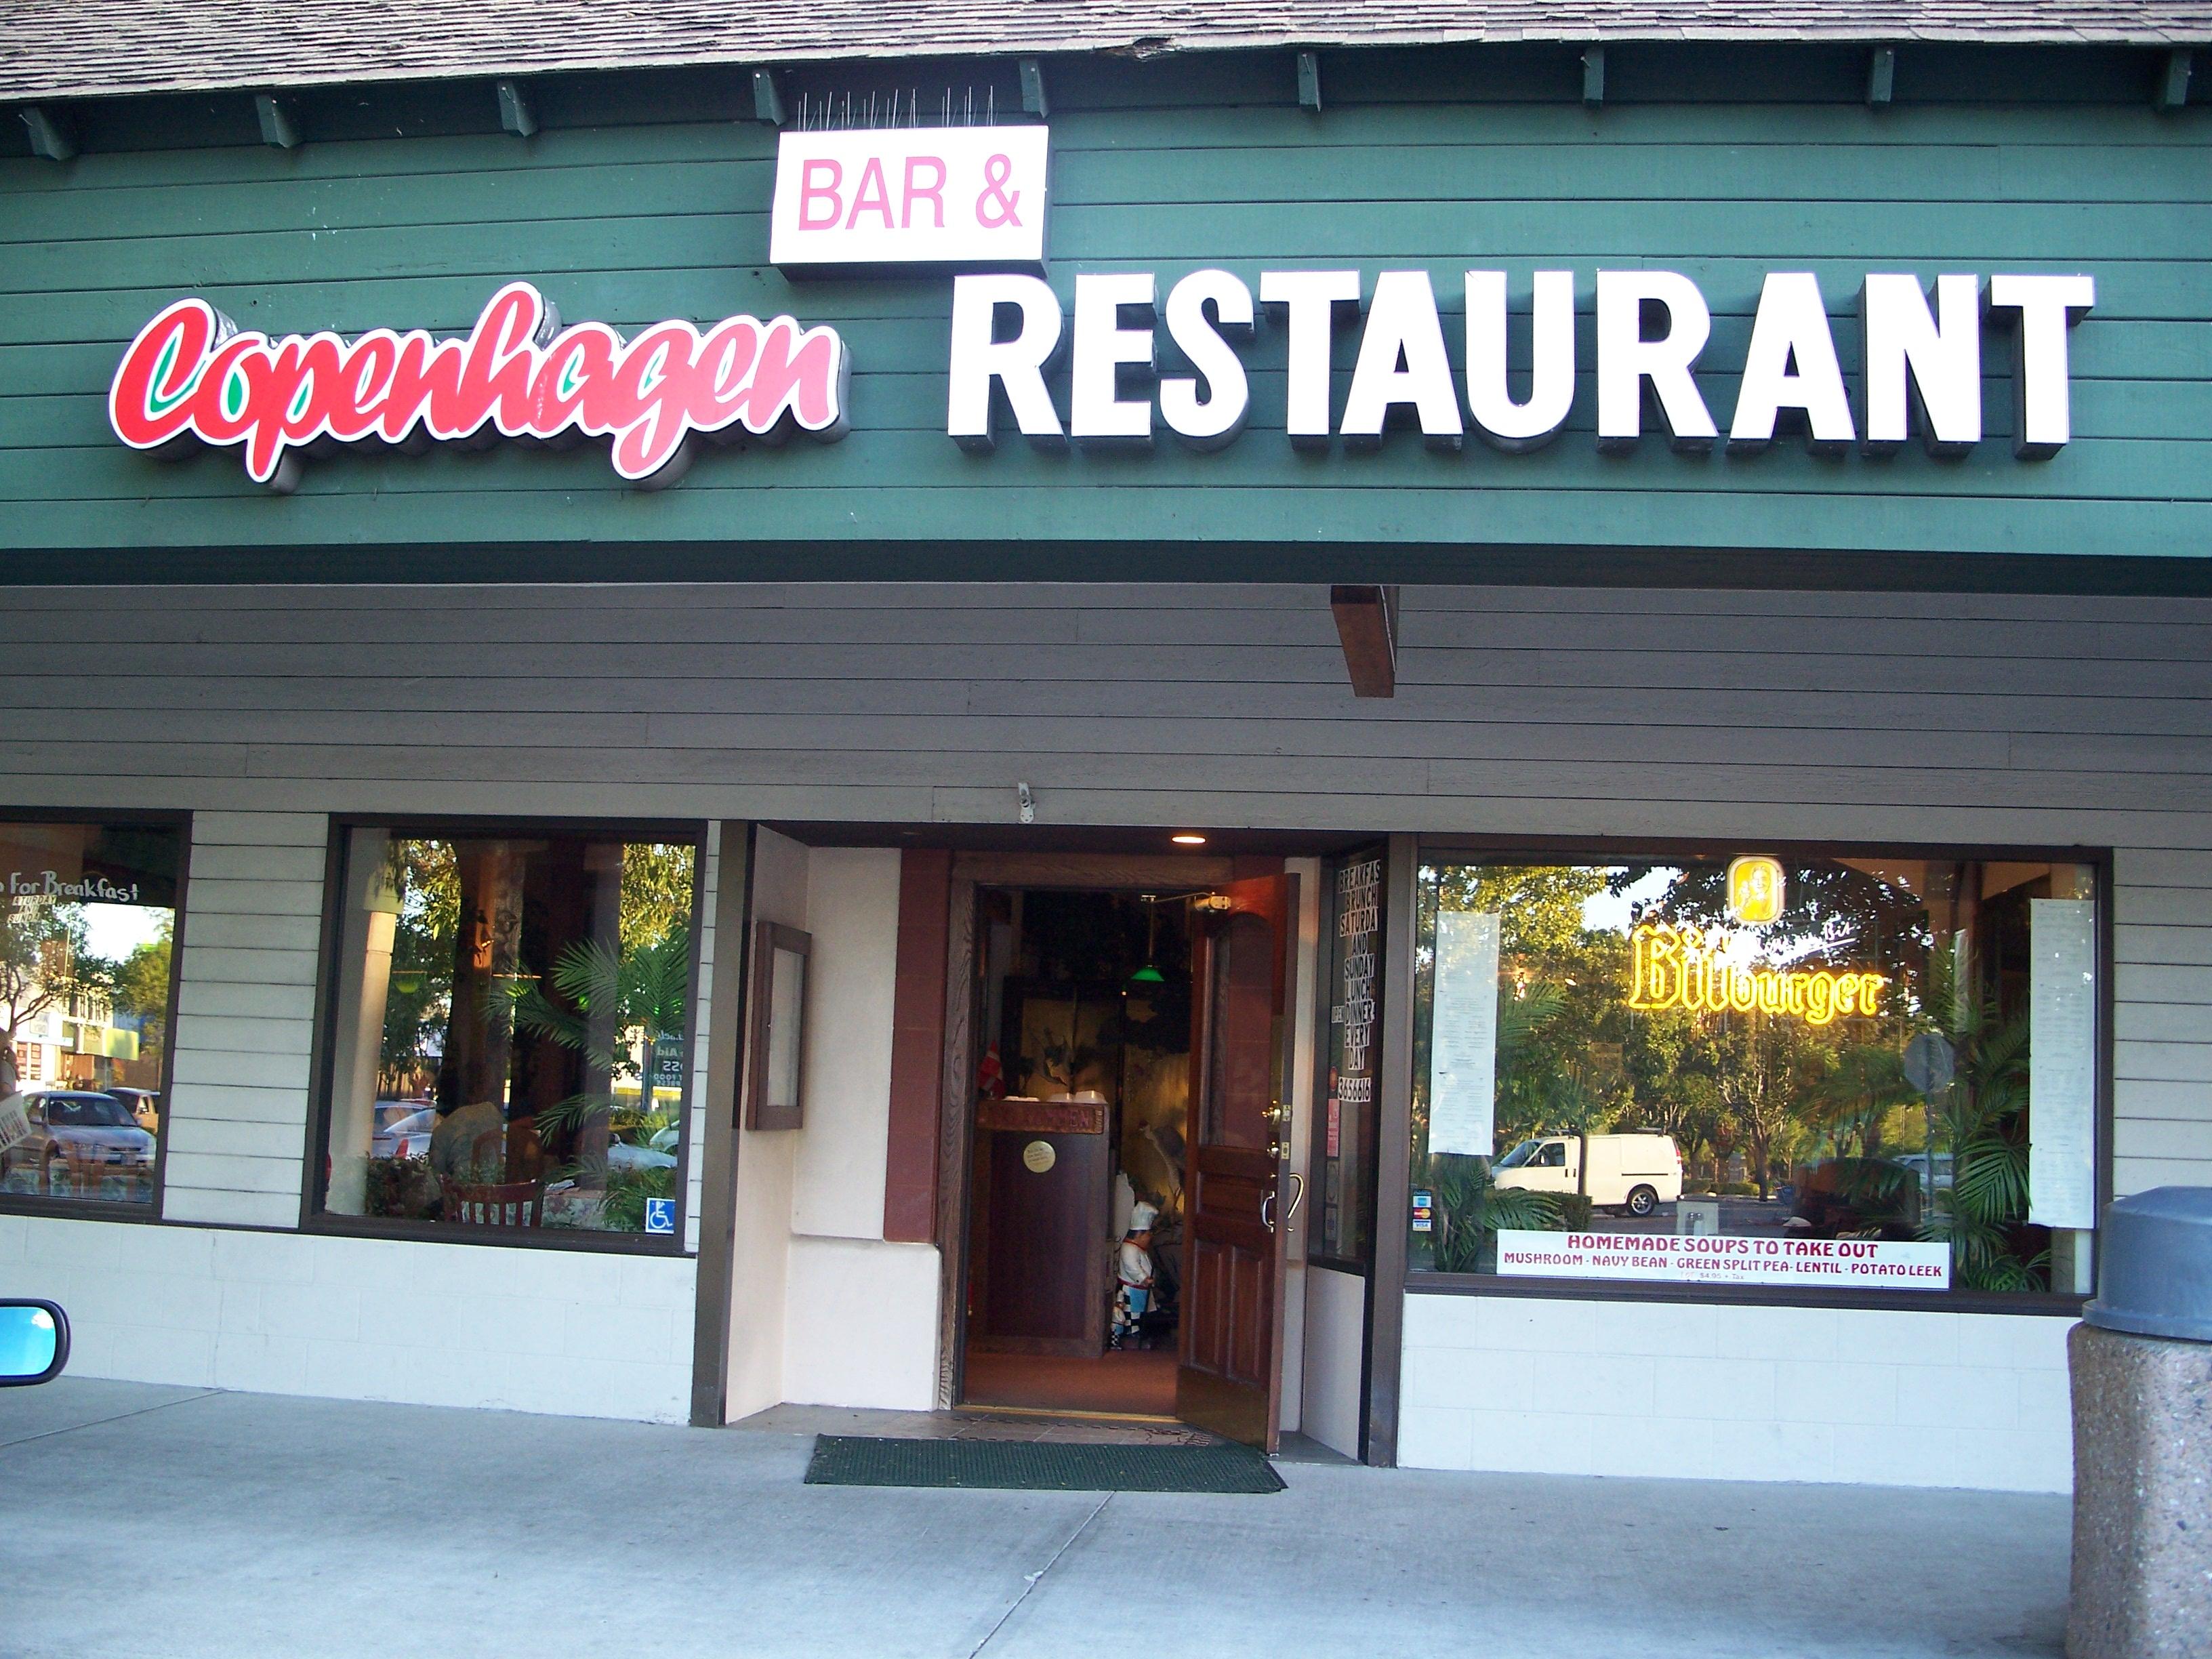 Copenhagen Restaurant Redwood City